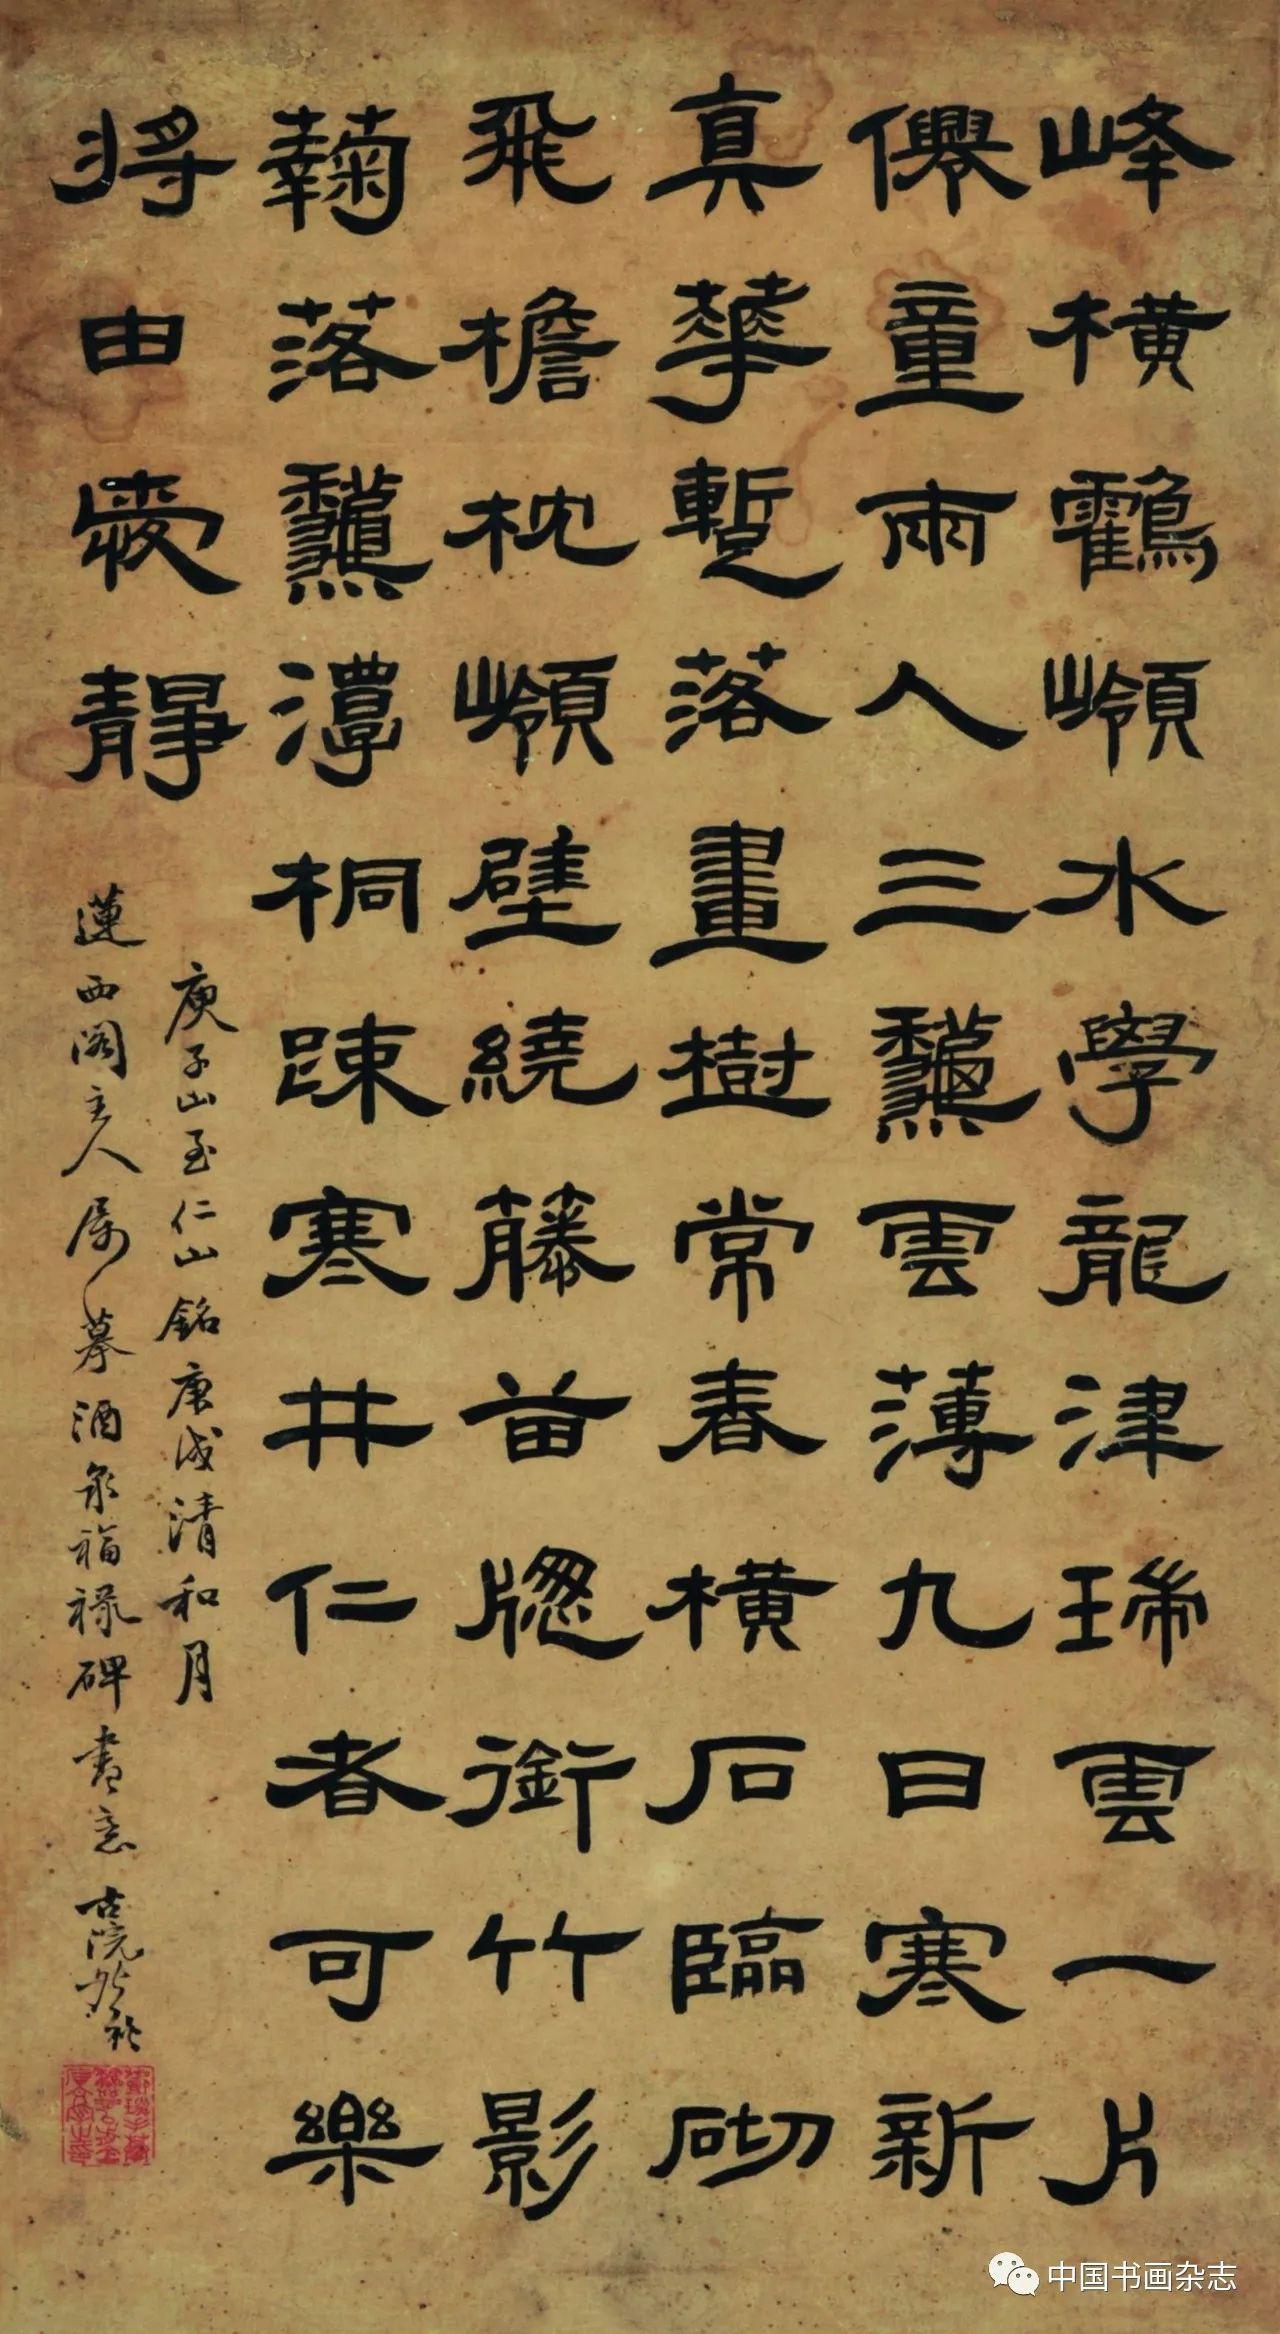 [清]邓石如隶书庾子山至仁山铭轴